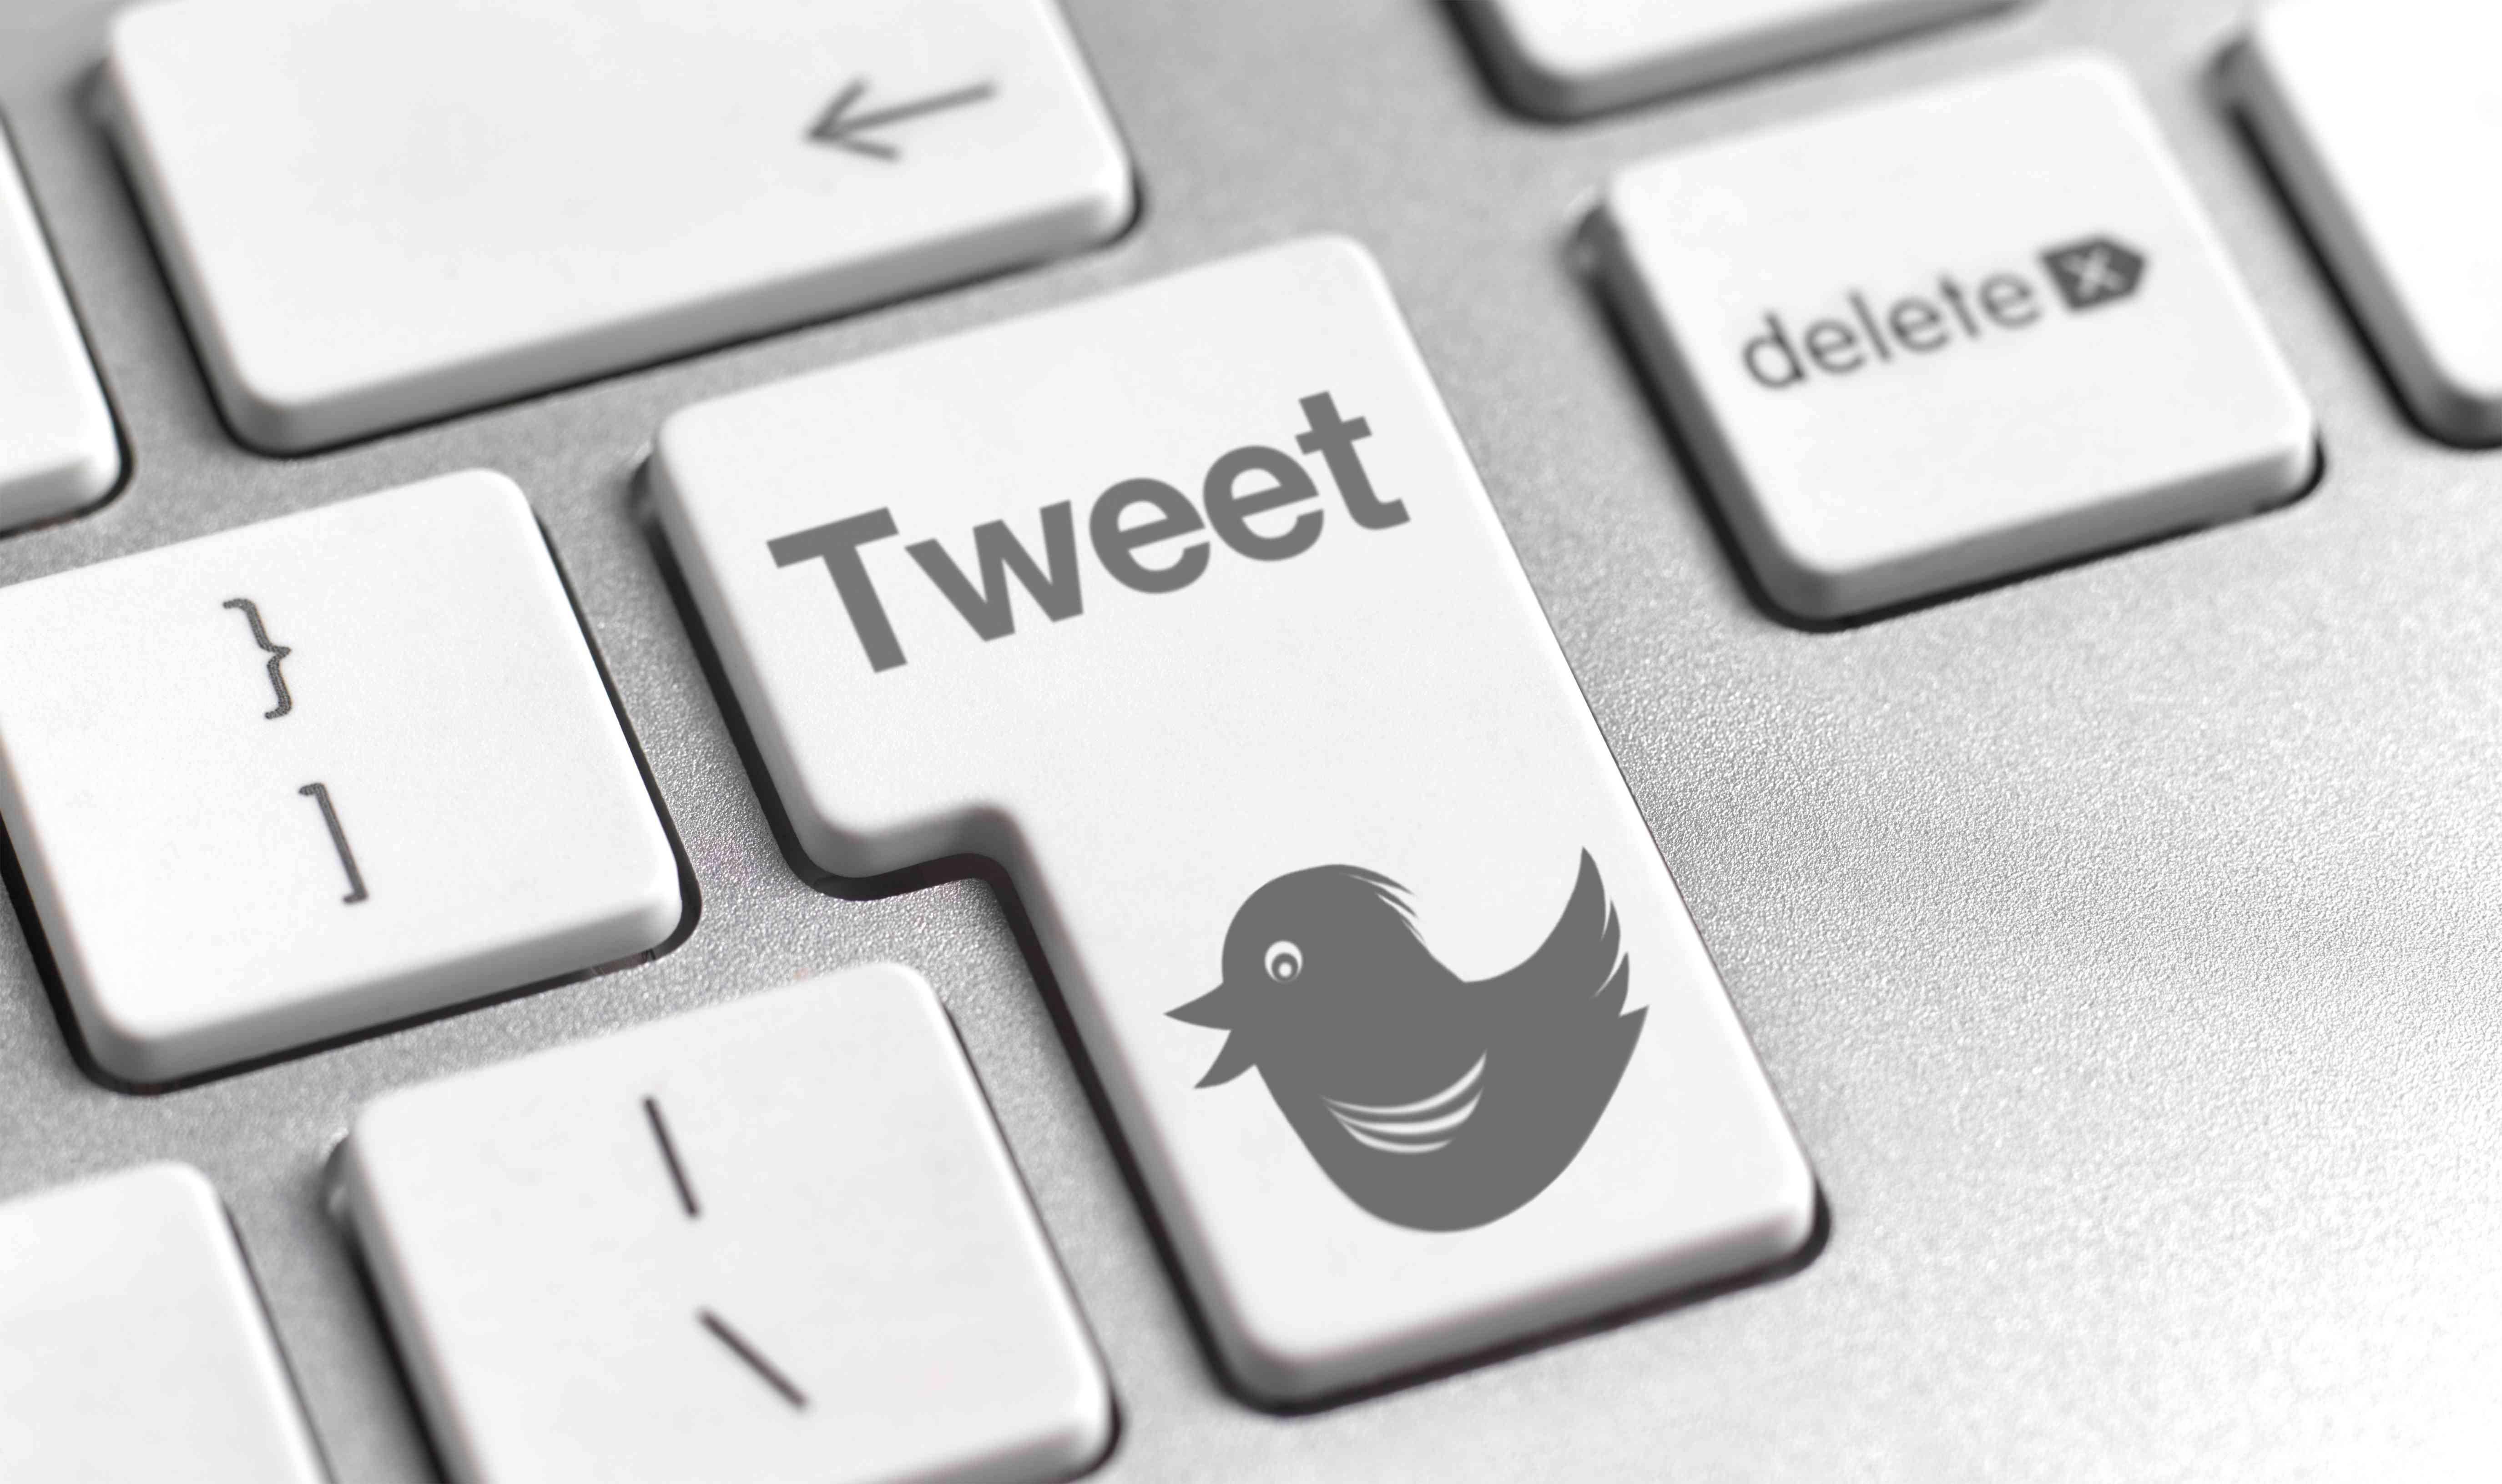 Twitter on a keyboard